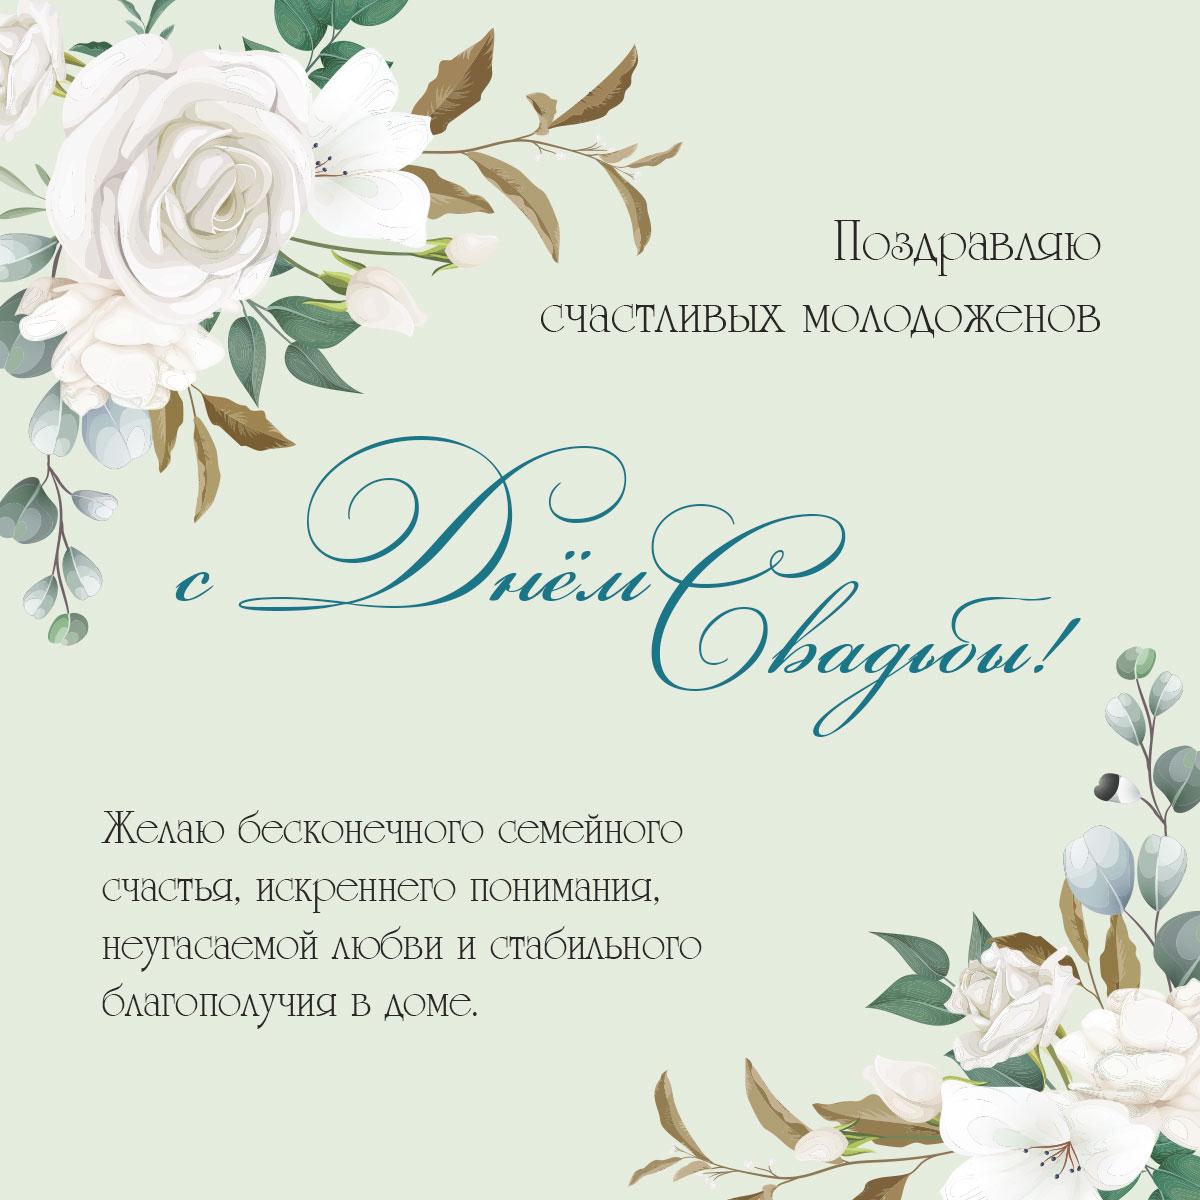 Текст поздравления с днем свадьбы в прозе на зелёном фоне с белыми розами.